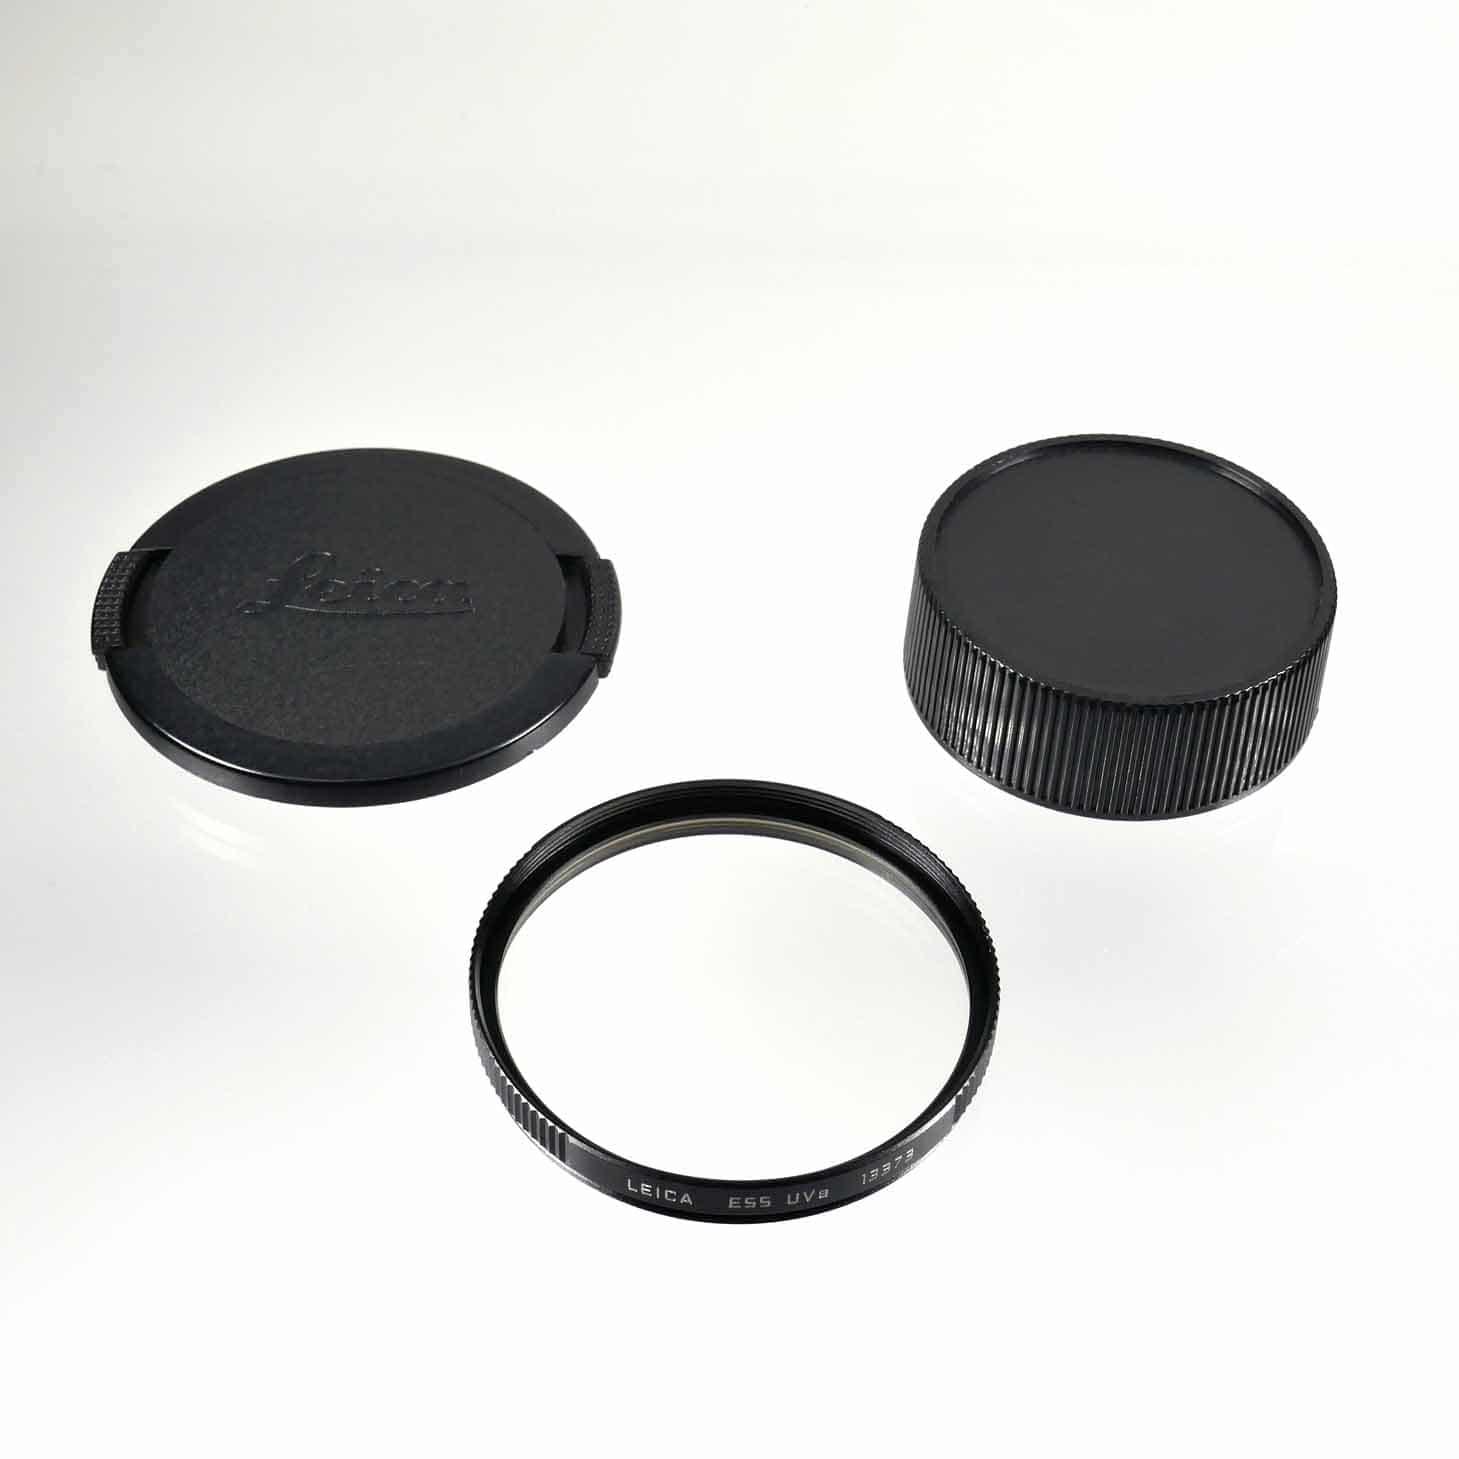 clean-cameras-LEICA-M-Summicron-90mm_2.0-III-05